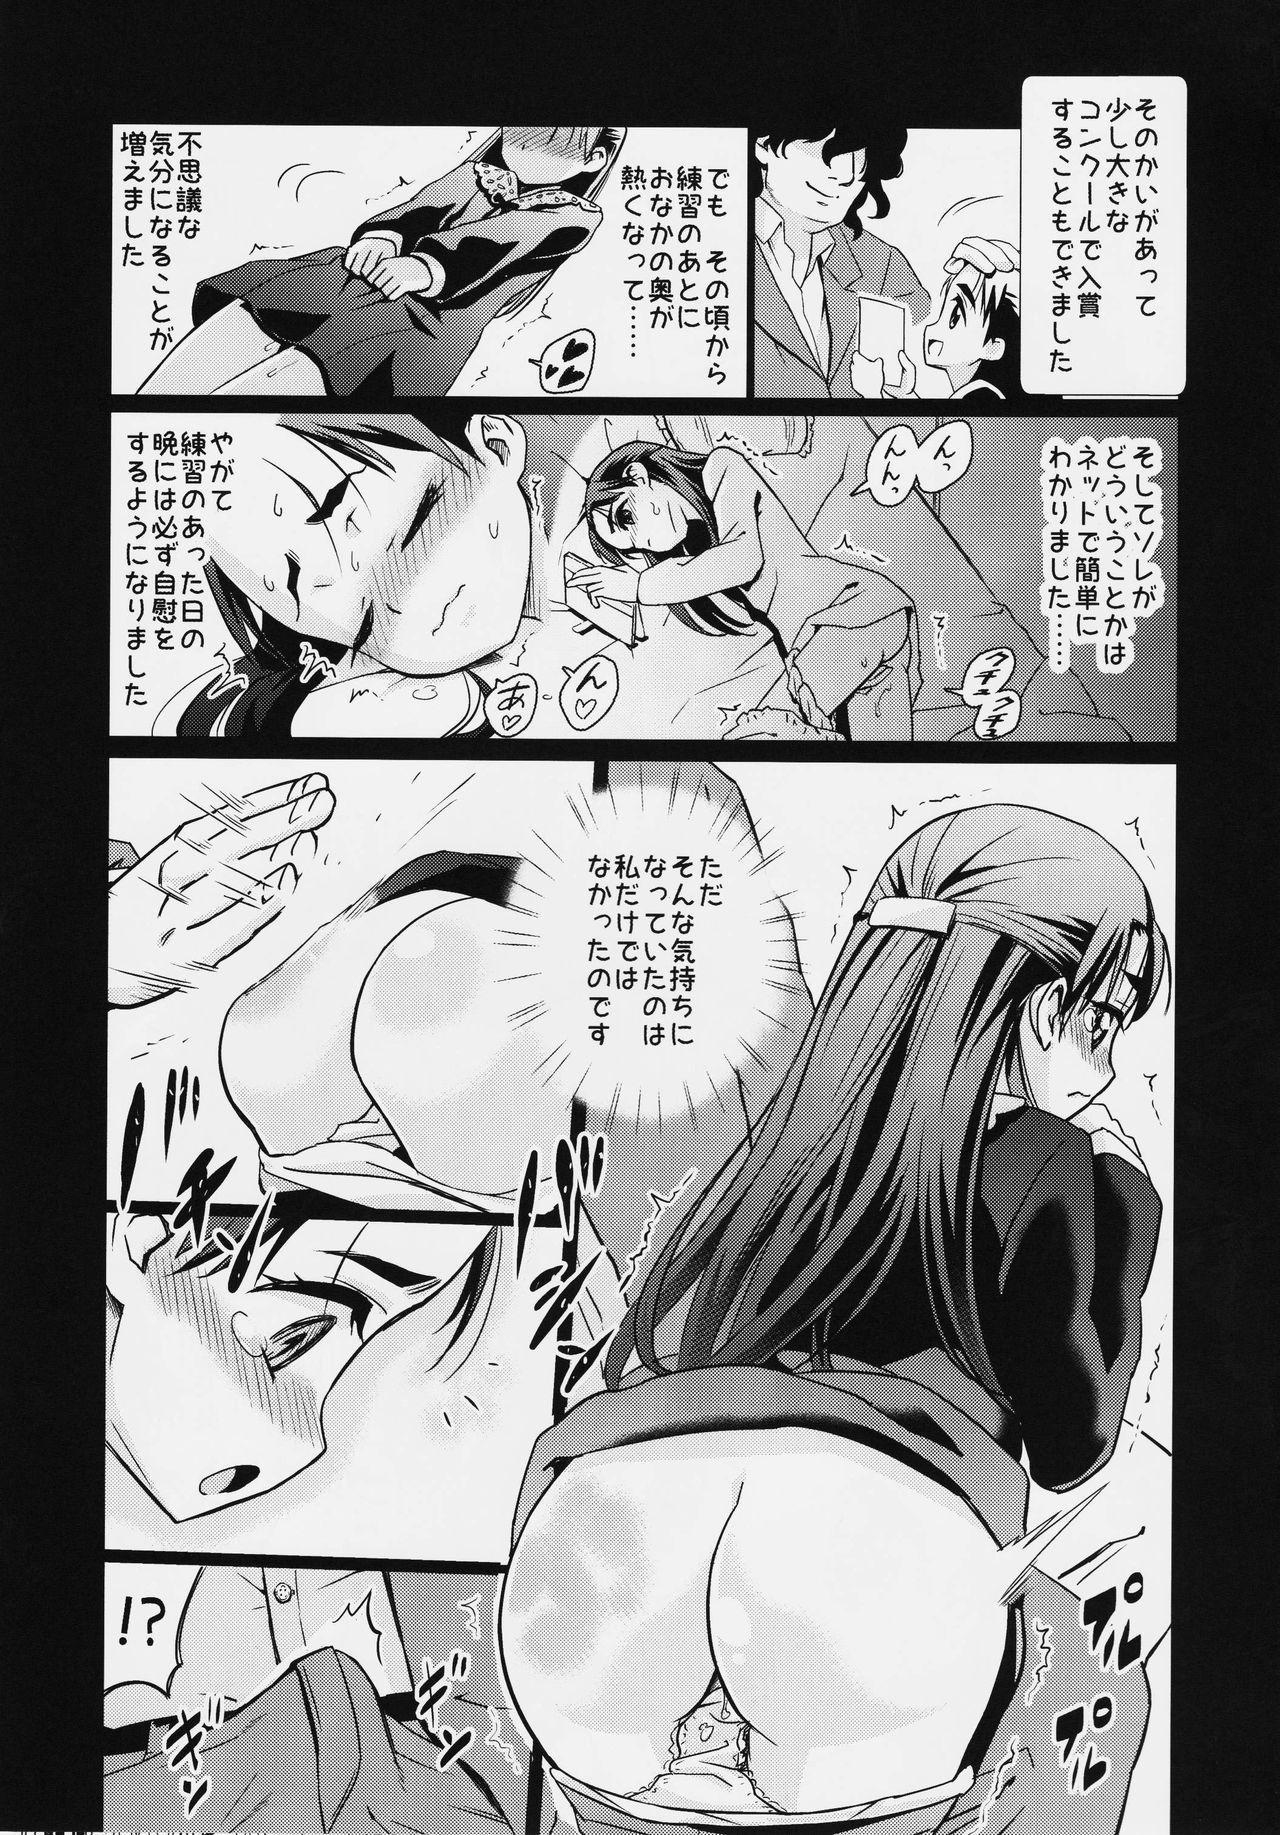 Osanai Kozue no Maso Taibatsu Shigan 5